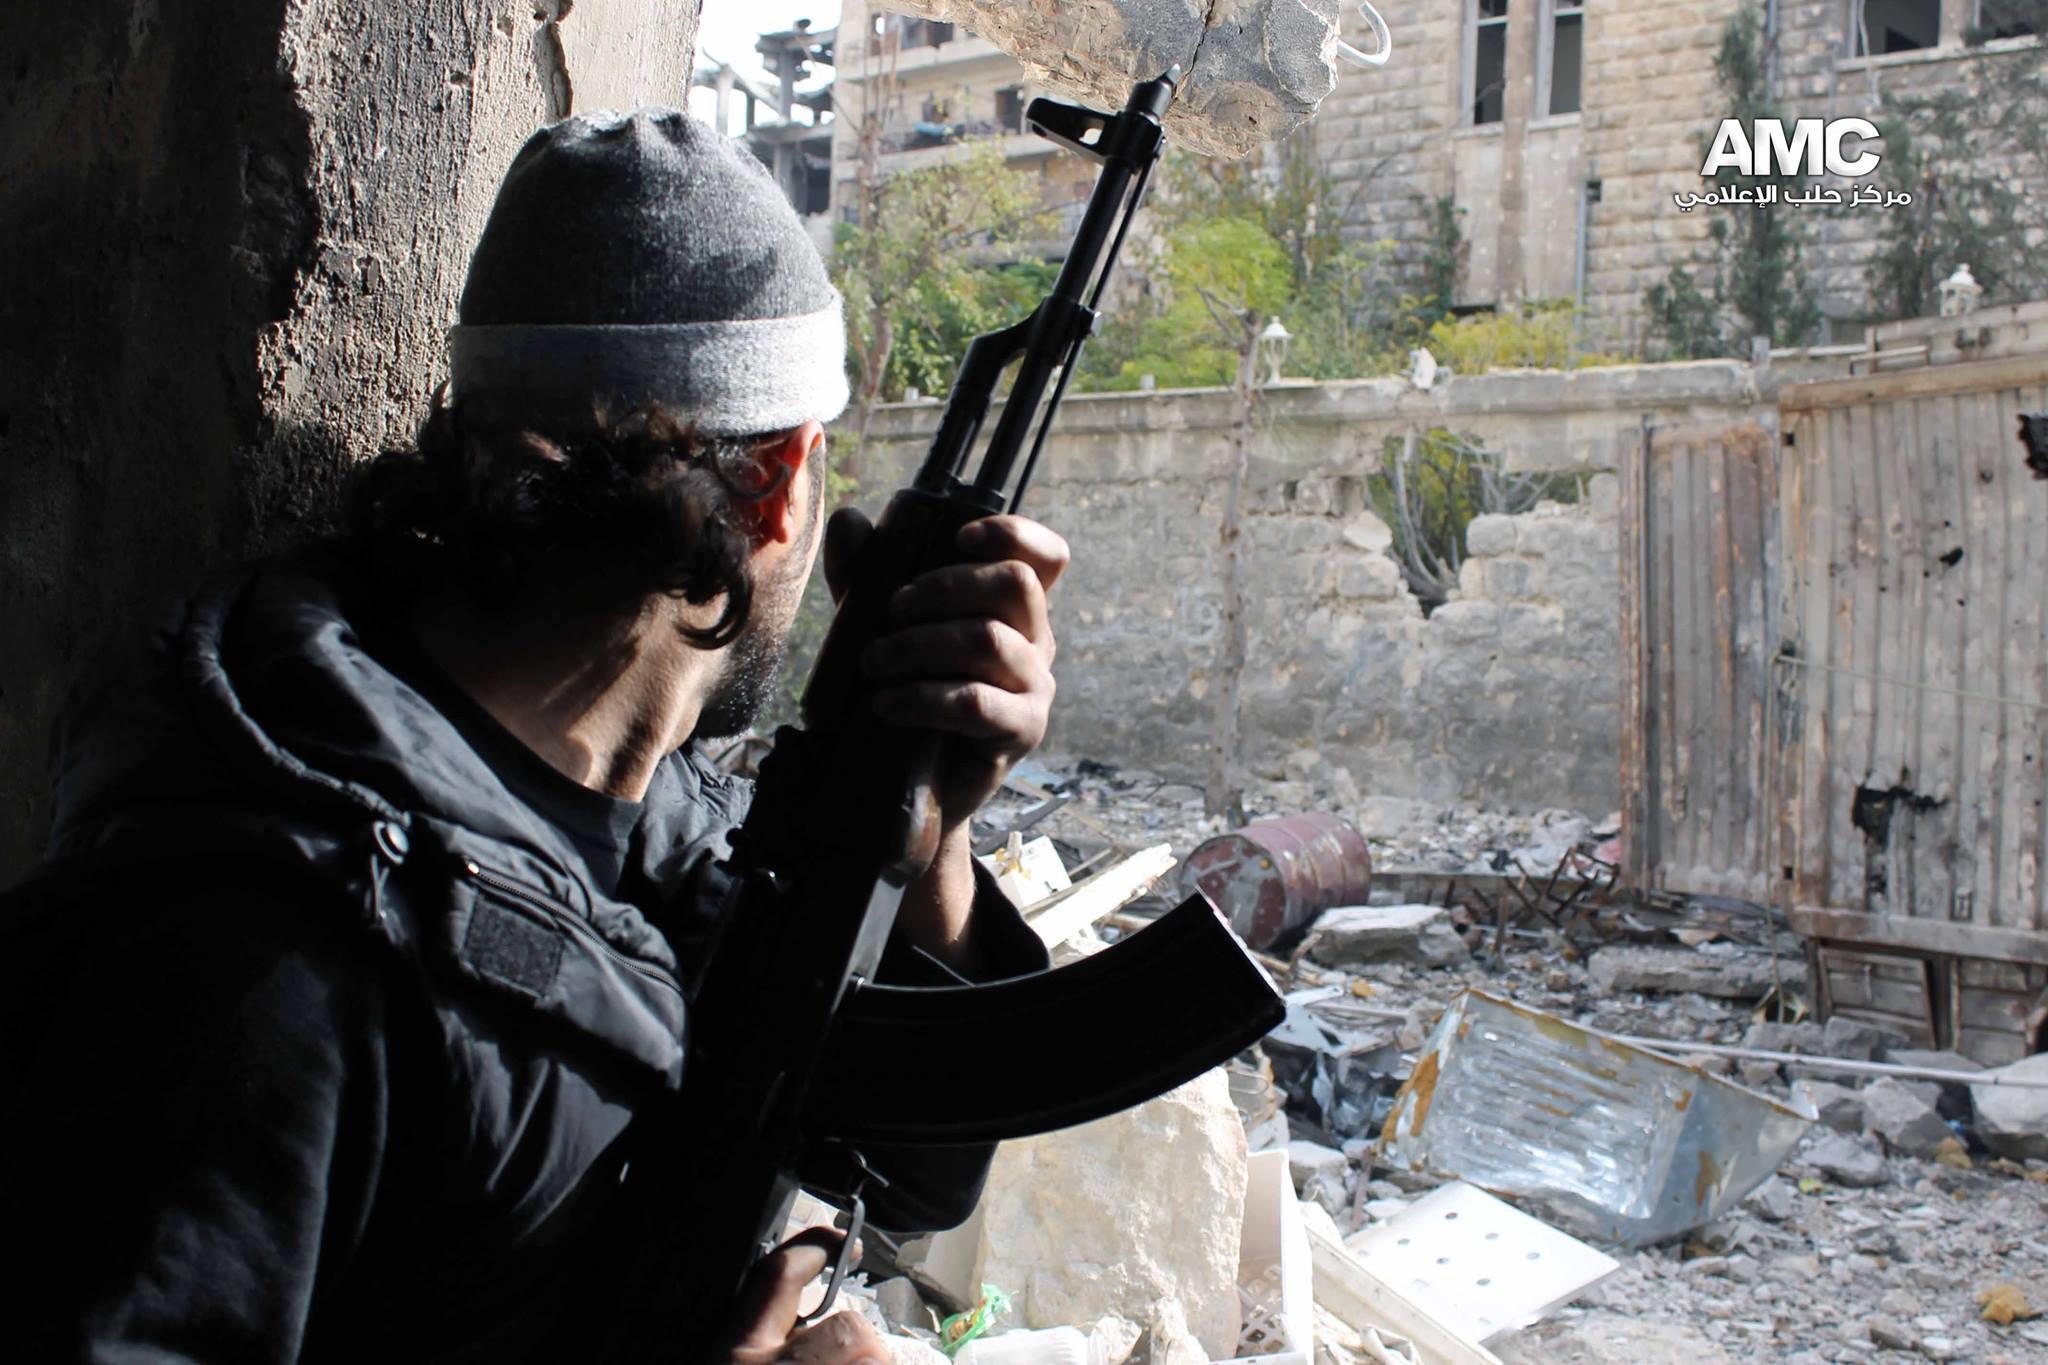 نشرة أخبار سوريا- المجاهدون يقطعون طريق إمداد قوات الأسد في منطقة الراموسة بحلب، والائتلاف يطالب التحالف الدولي بتعليق ضرباته على خلفية مجزرة منبج -(20_7_ 2016)